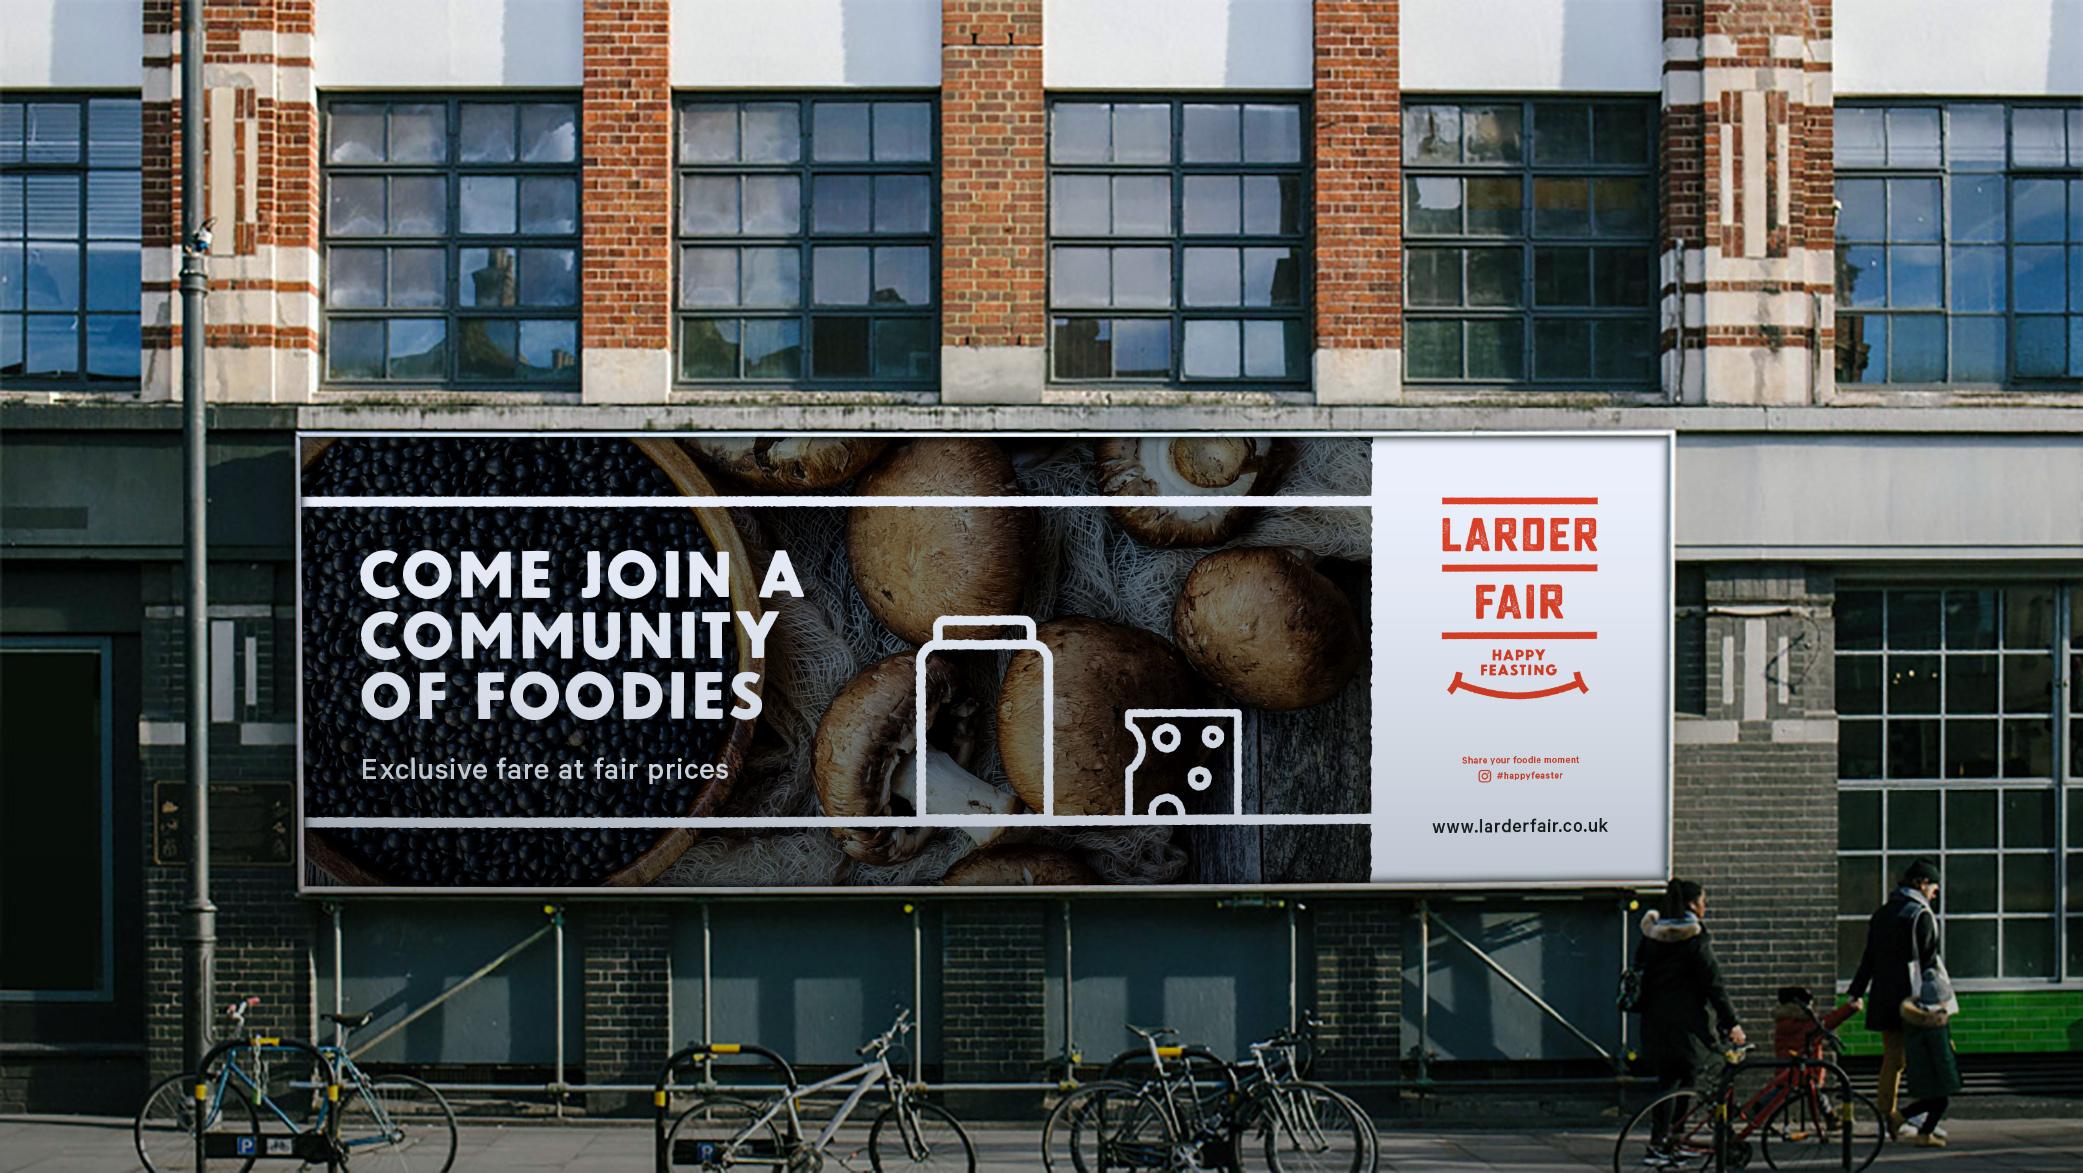 larder_billboard.jpg